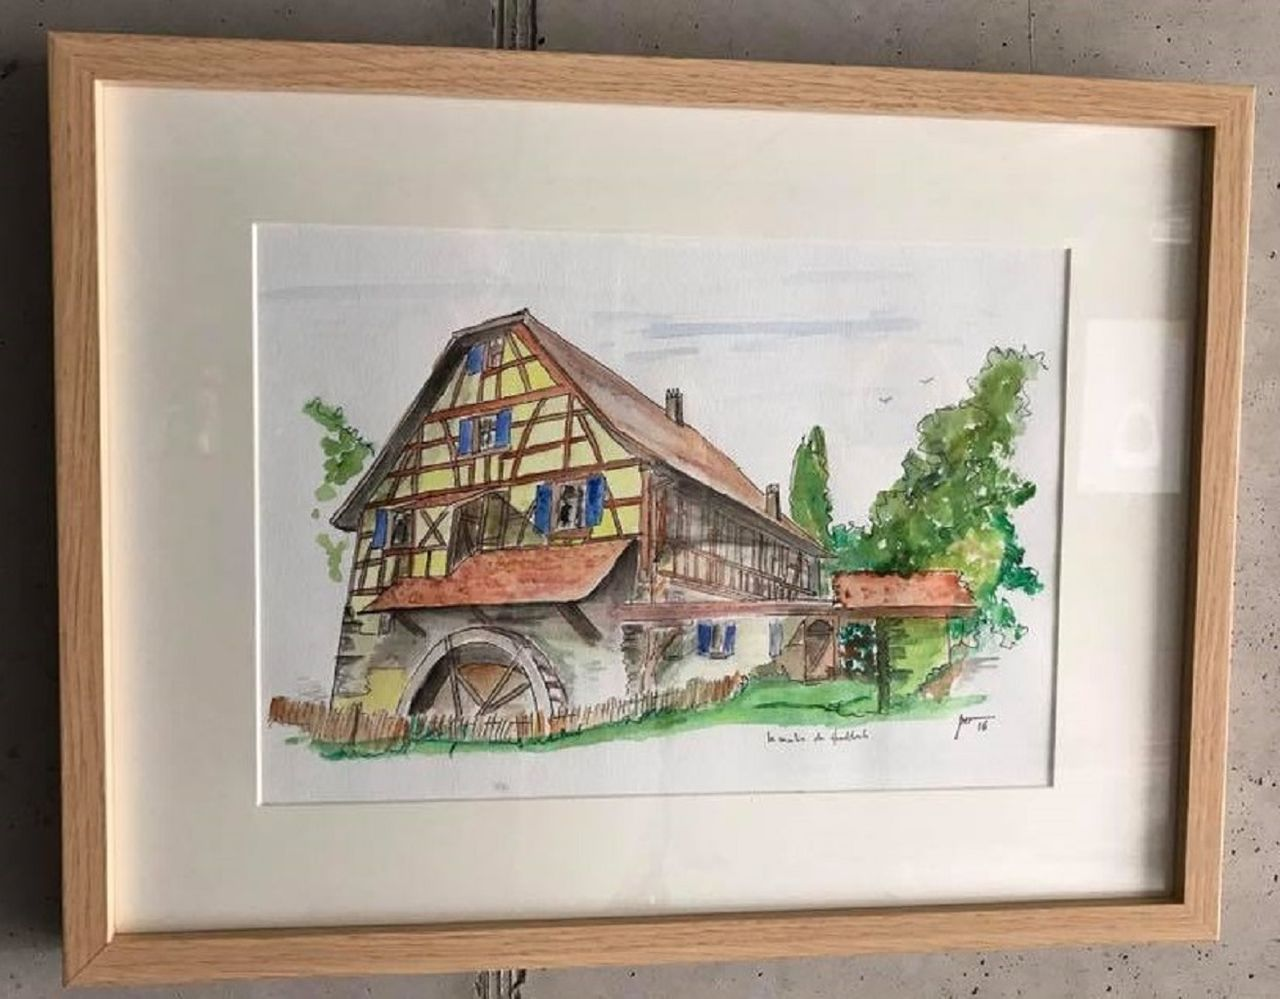 Jérôme SCHREIBER Le Moulin de Hundsbach